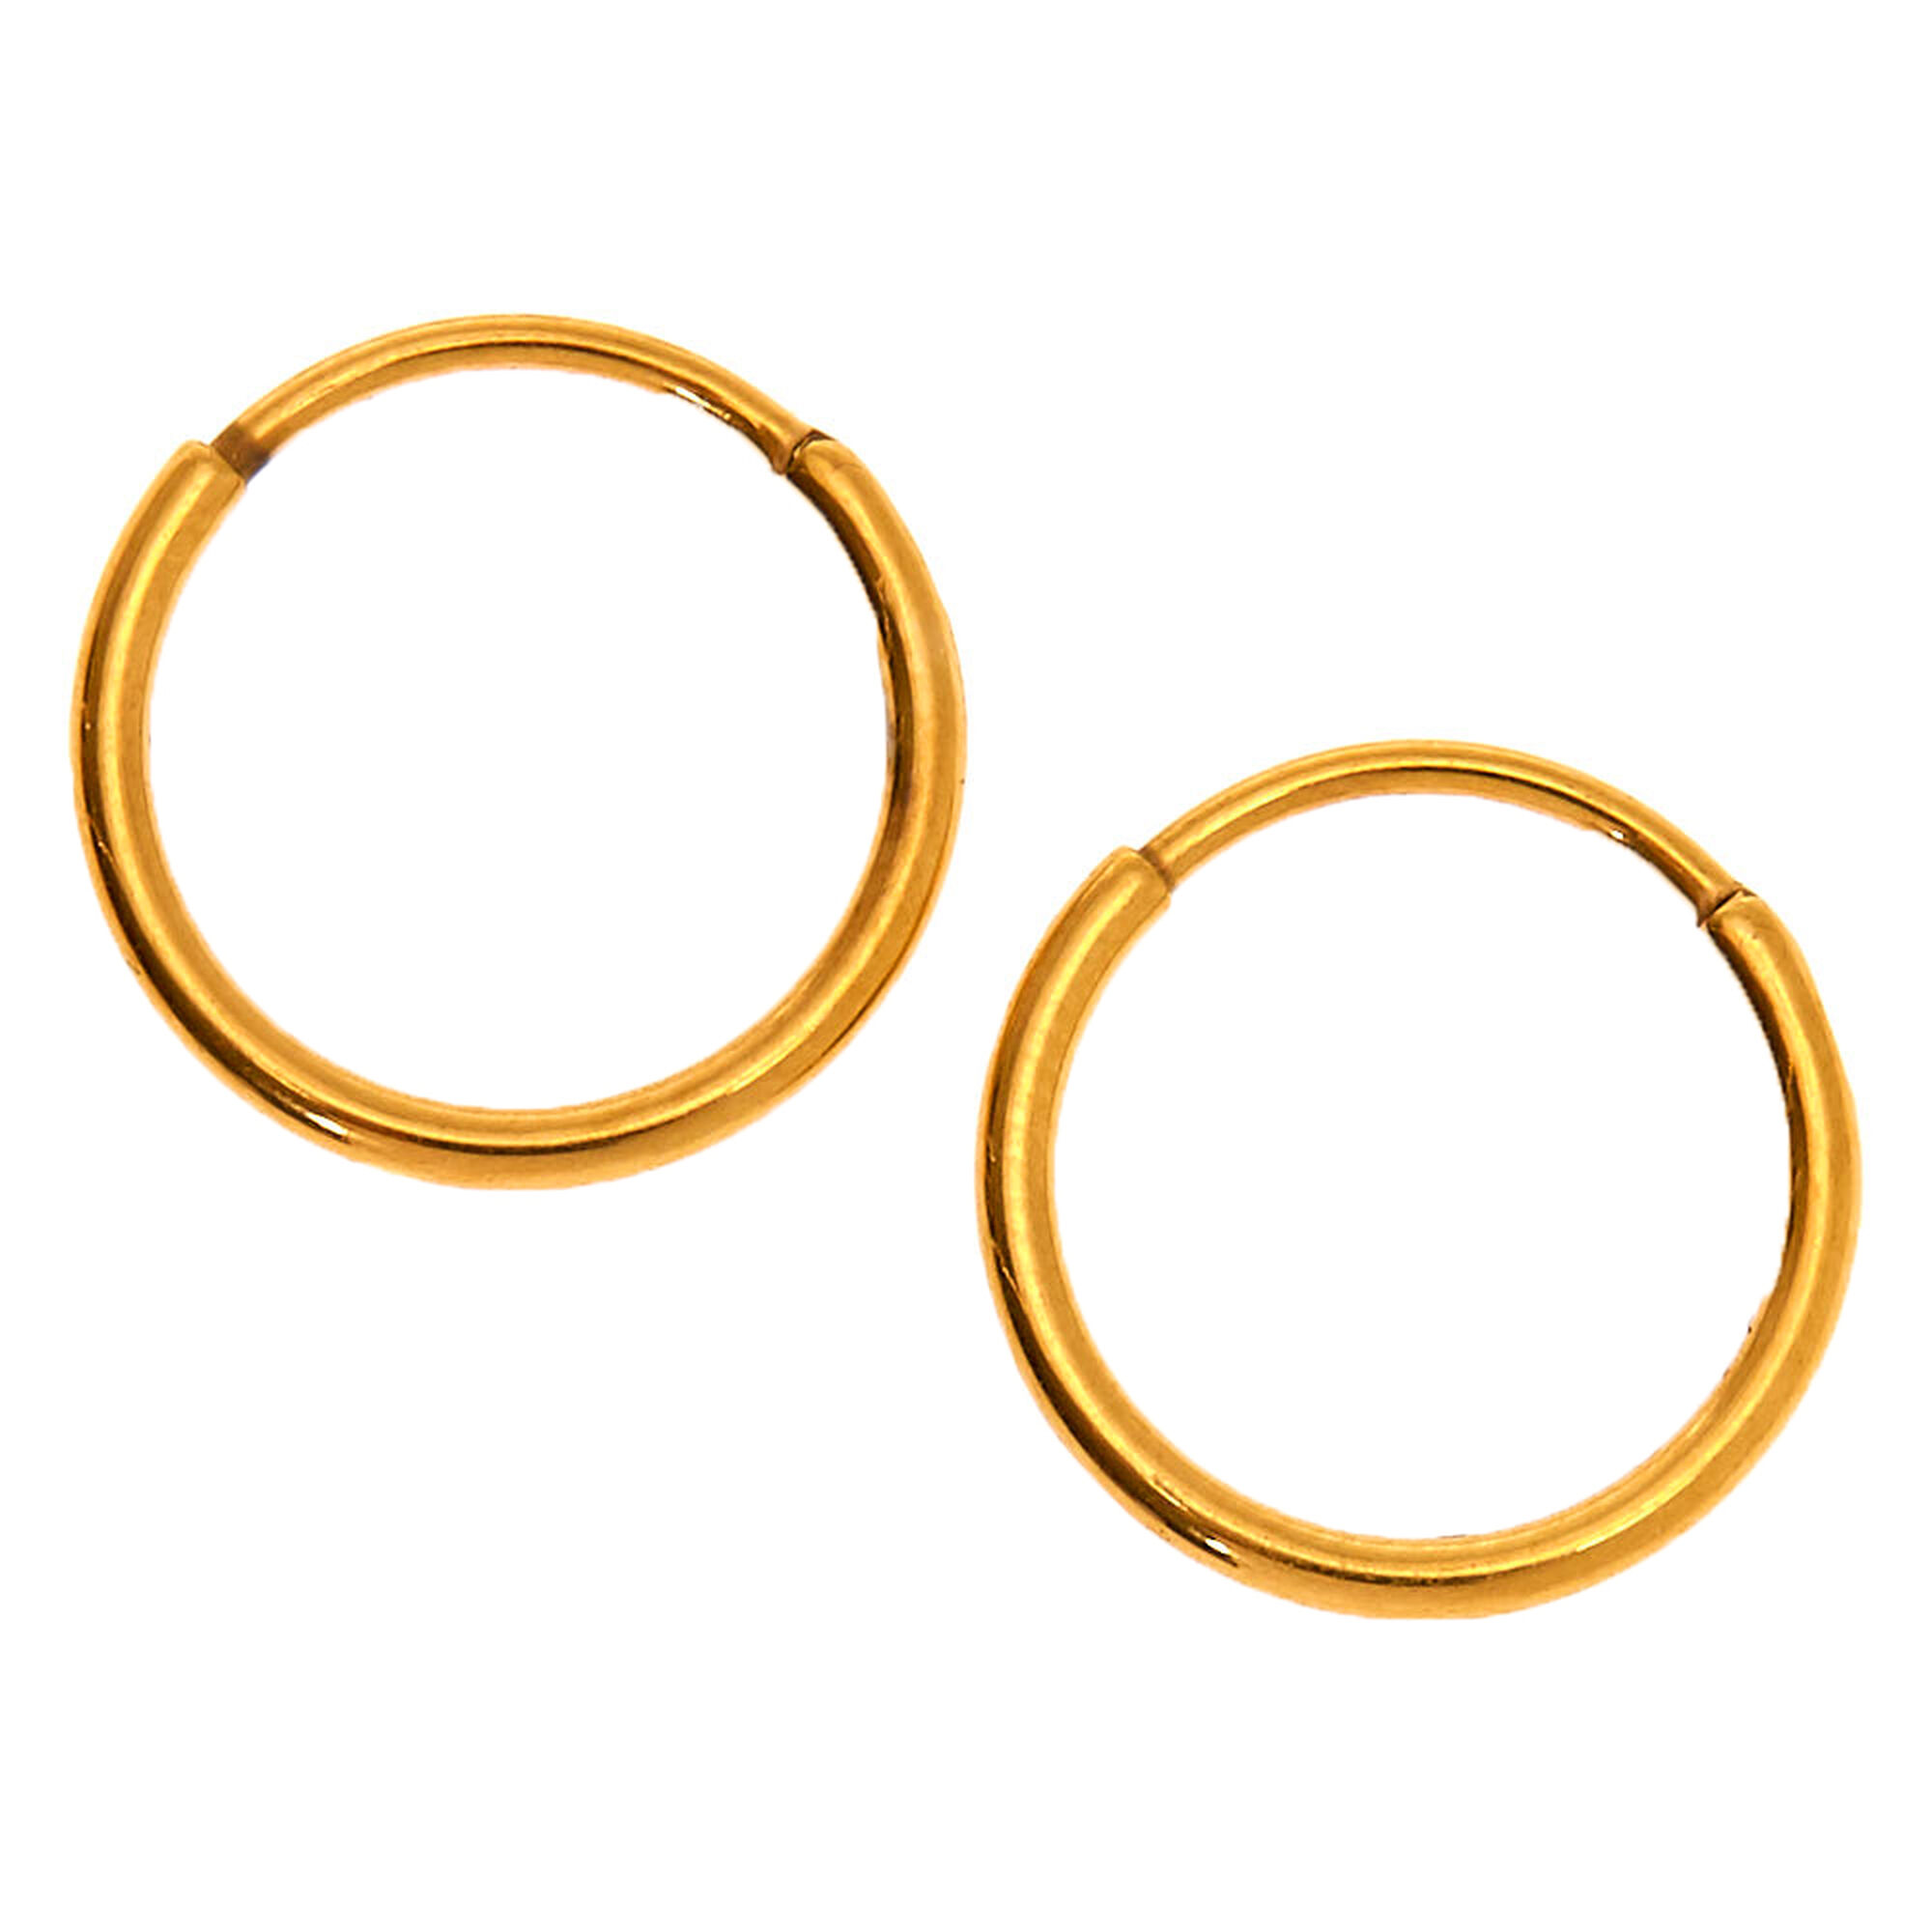 Gold Anium 10mm Sleek Hoop Earrings